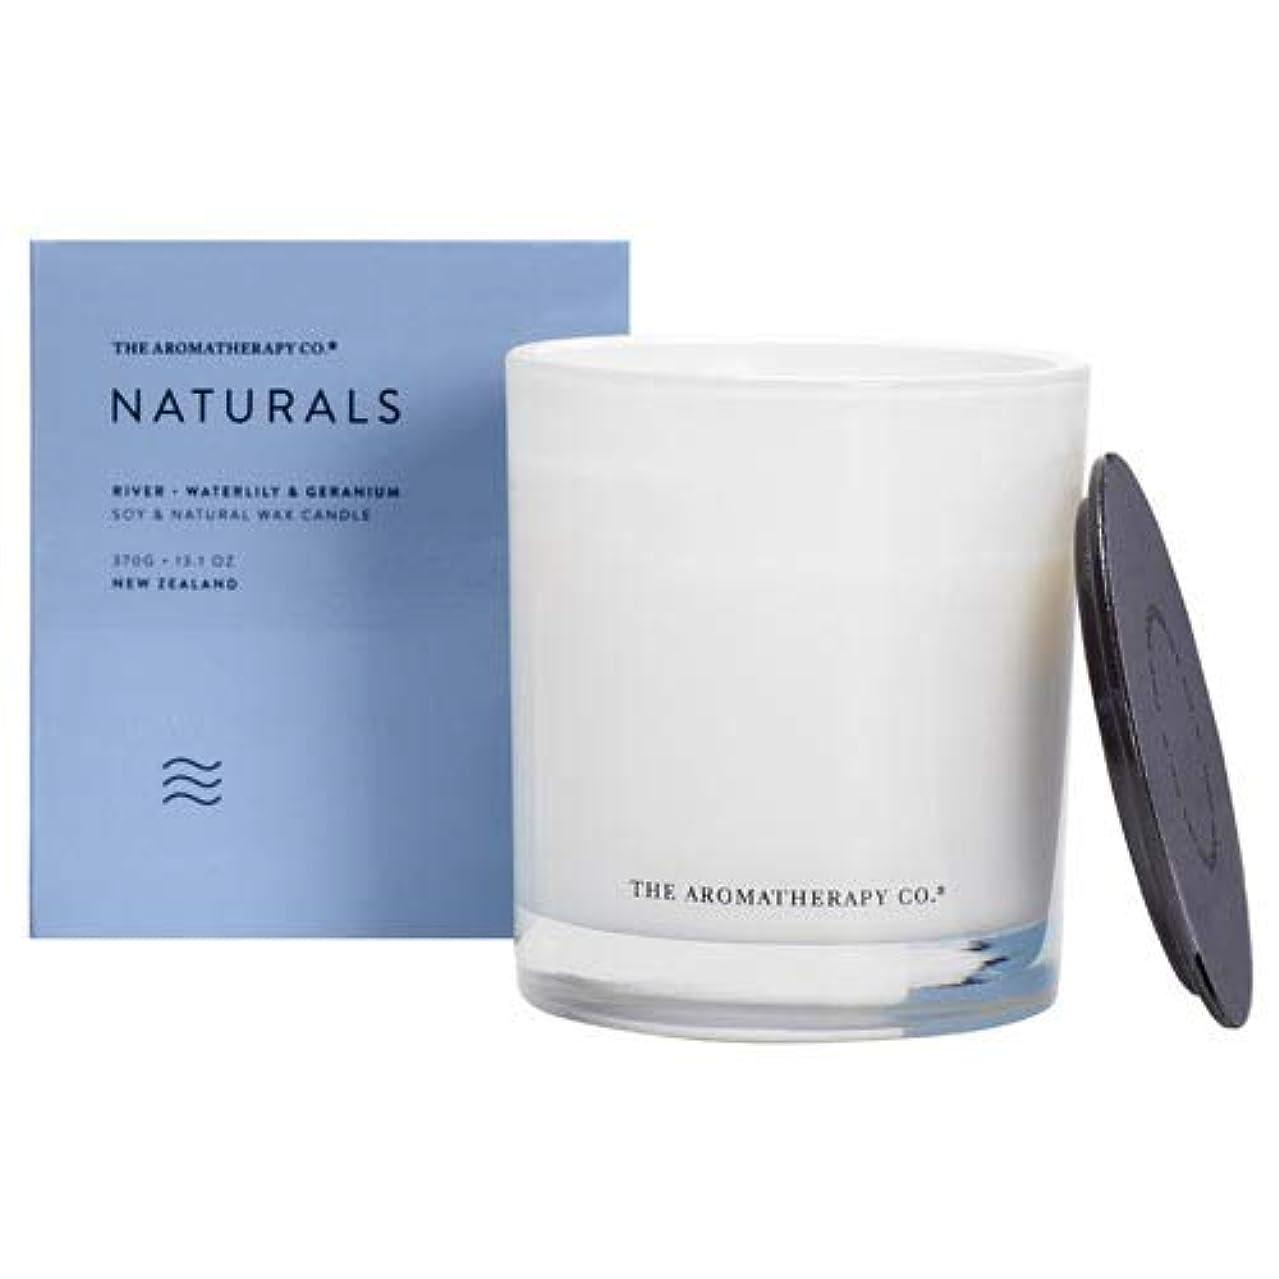 new NATURALS ナチュラルズ Candle キャンドル River リバー(川)Waterlily & Geranium ウォーターリリー&ゼラニウム